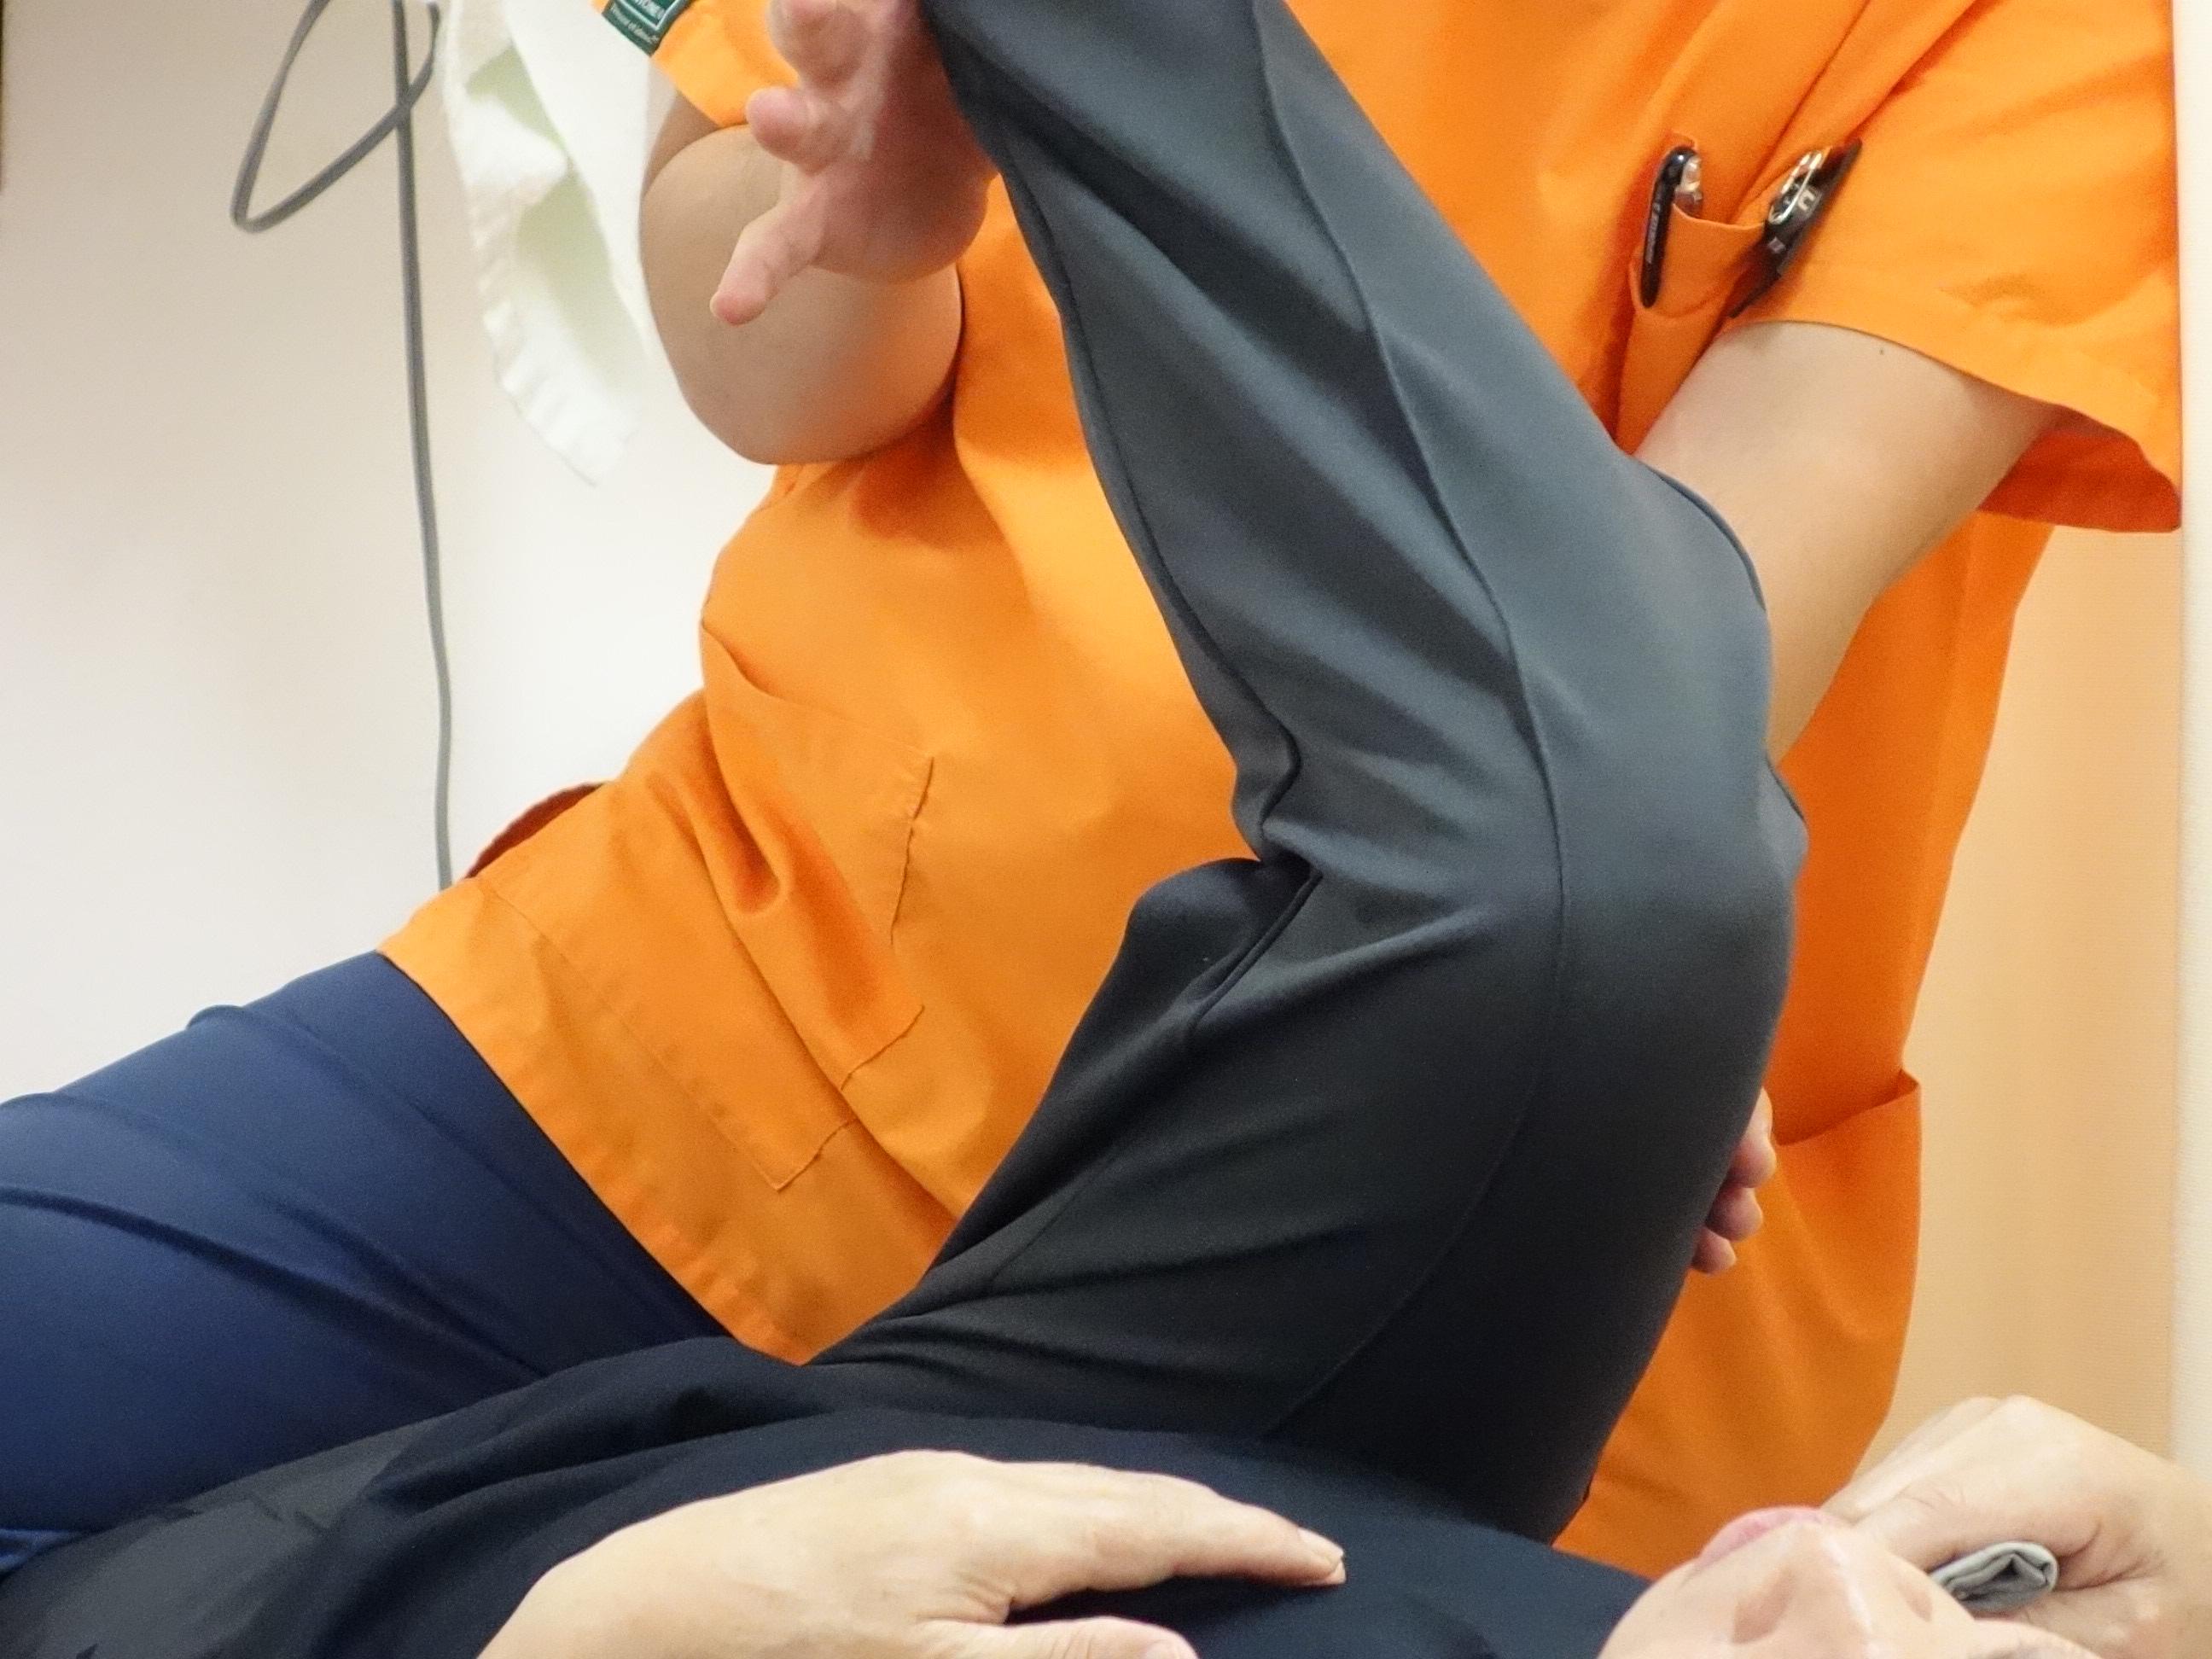 腰椎すべり症のストレッチ体操の写真